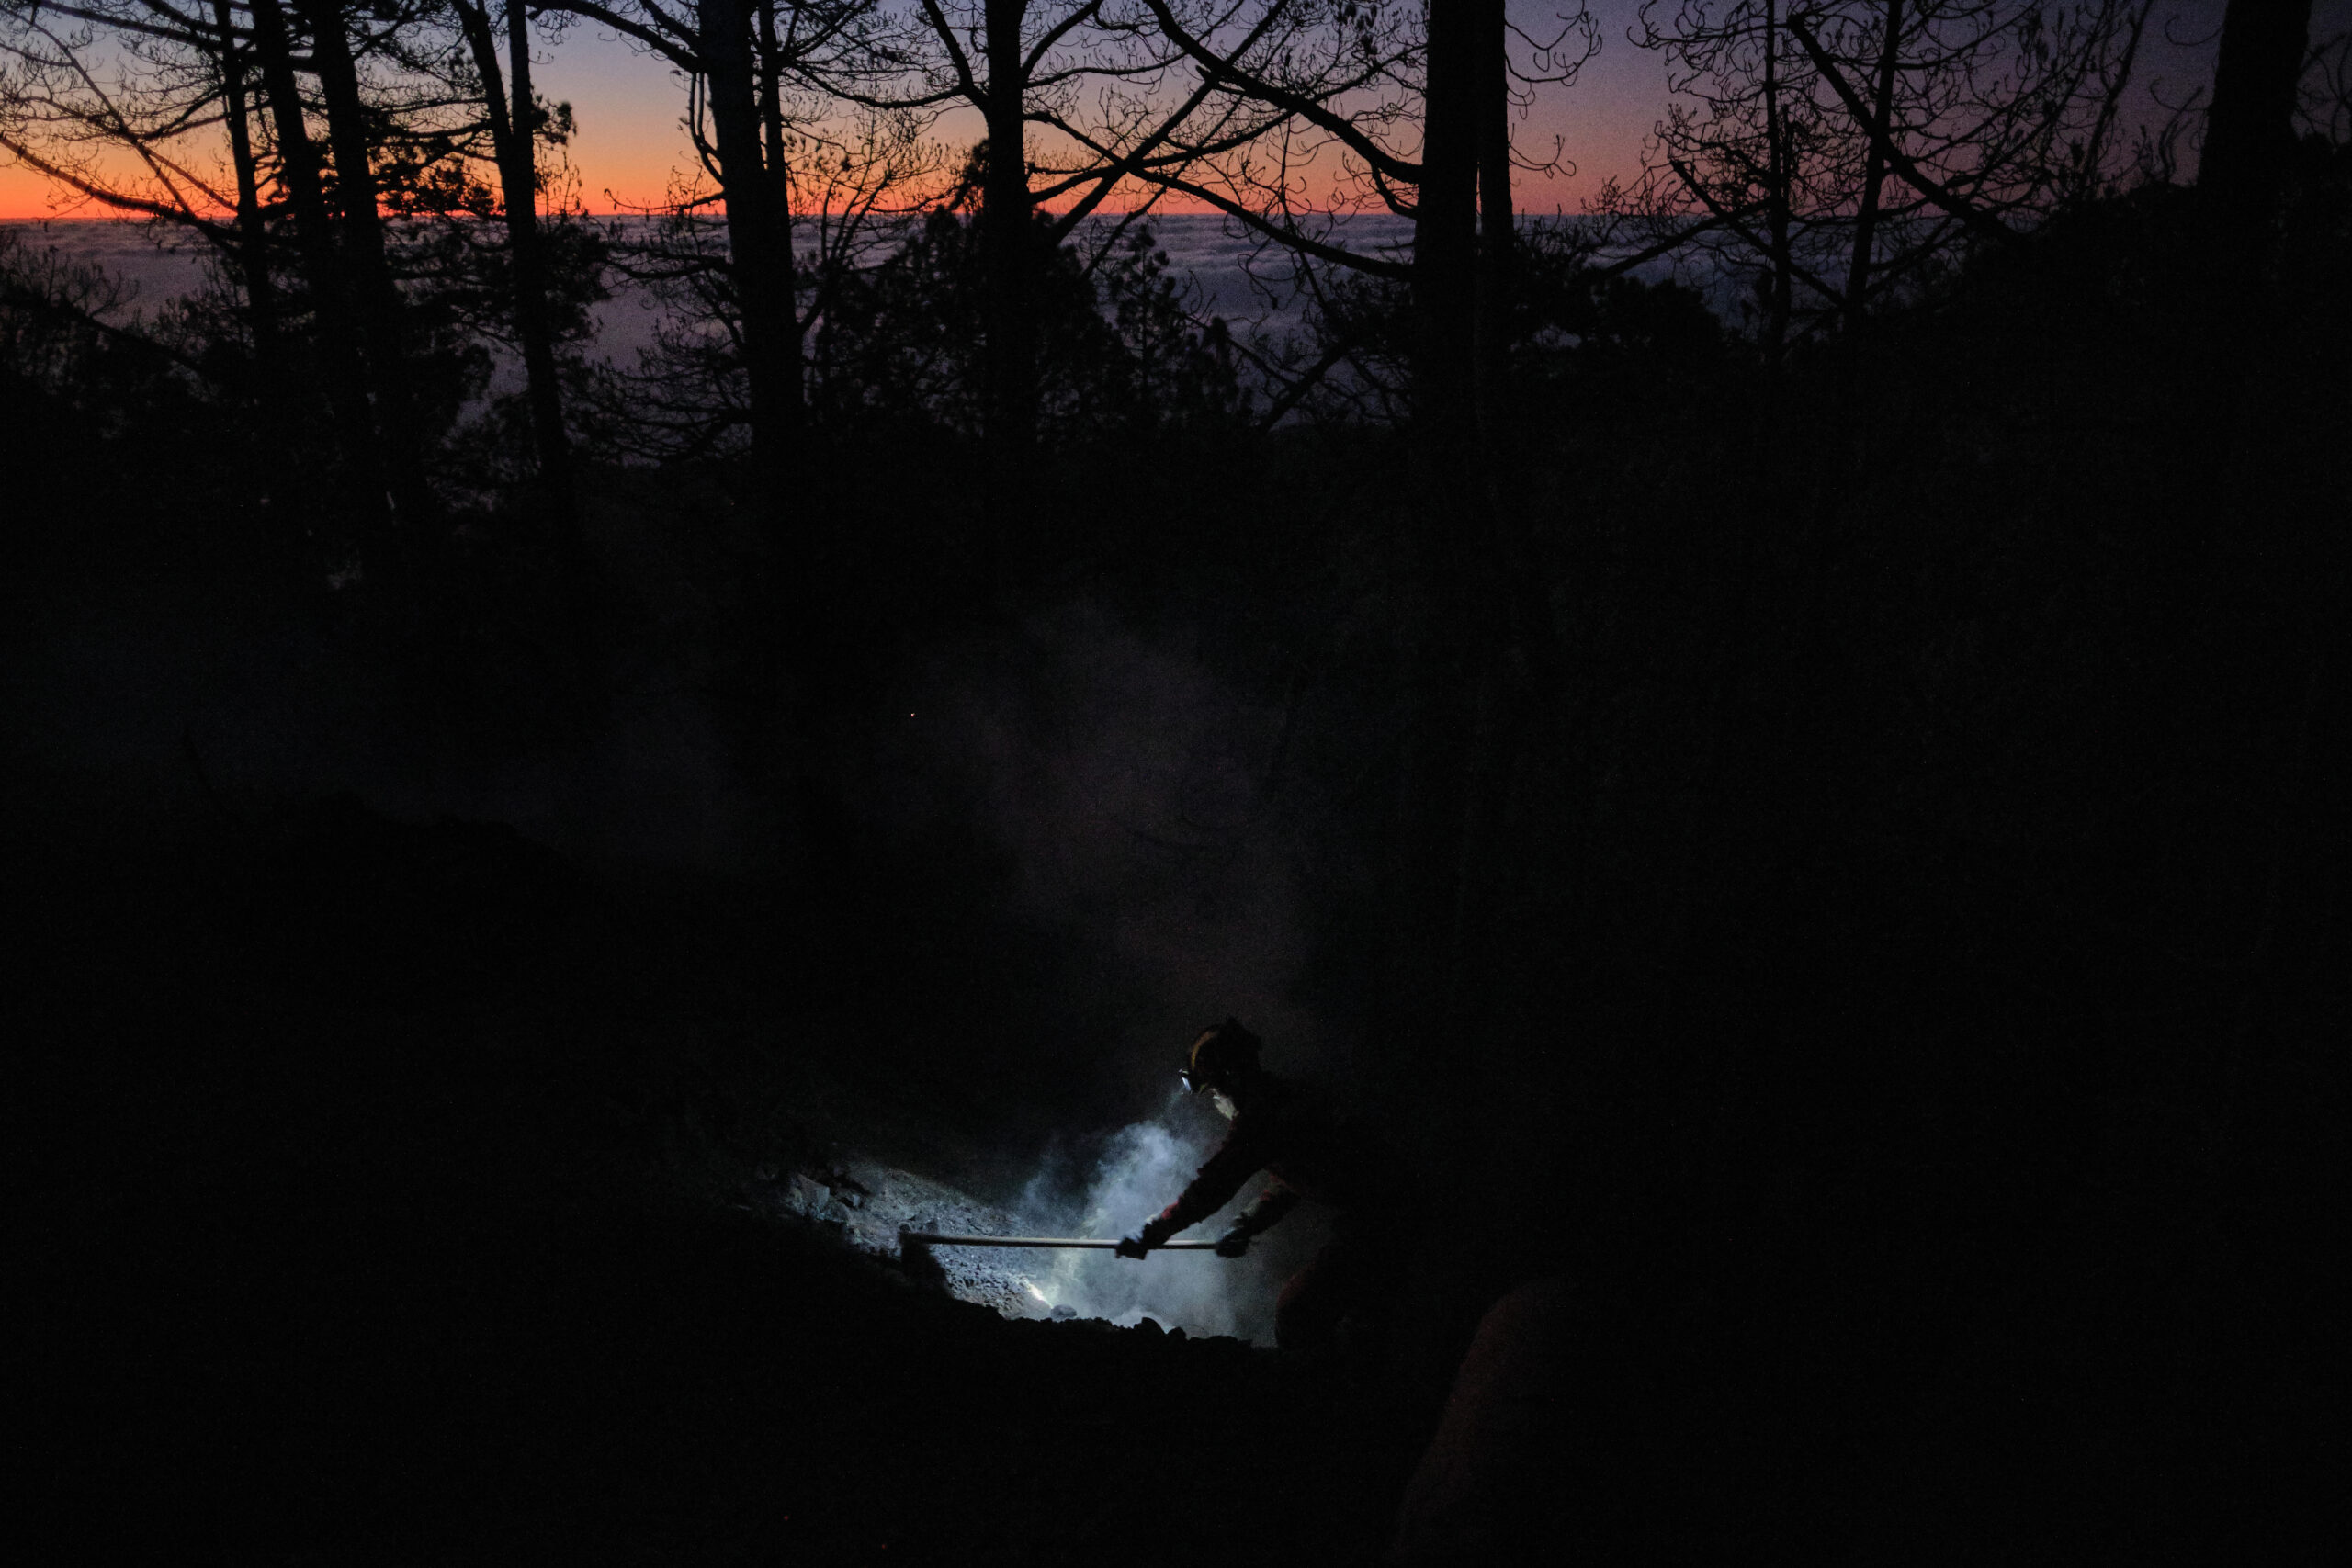 Segundo Premio Individual. Categoría: Sociedad. Un operario de la Unidad Militar de Emergencia (UME) trabaja en las labores de extinción de un incendio forestal declarado en la isla de La Palma. Agosto 23, 2020. La Palma. Andrés Gutiérrez